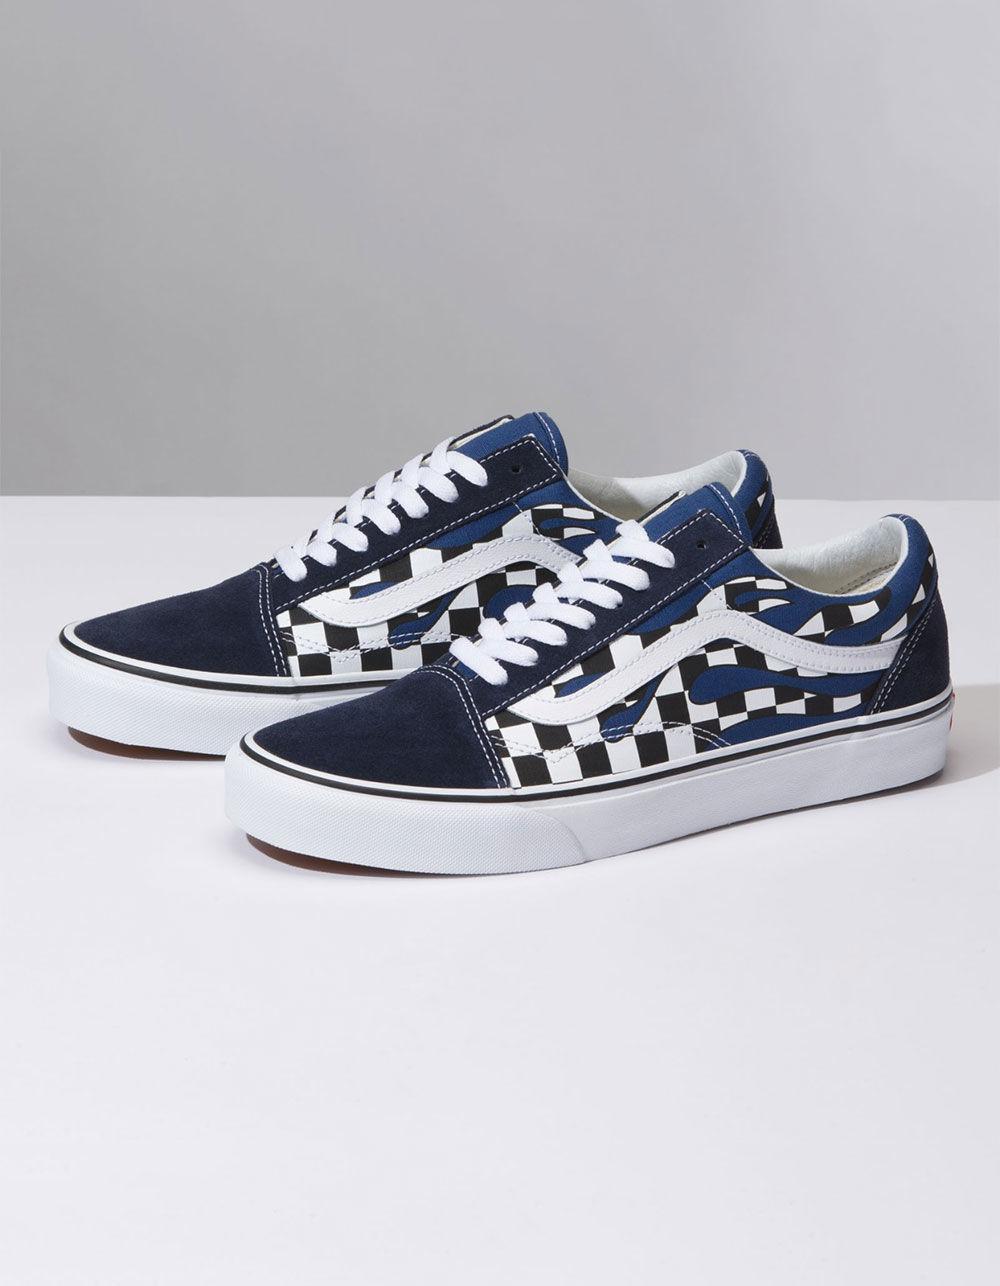 49e31b4fcd73 Lyst - Vans Checker Flame Old Skool Navy   True White Shoes in Blue for Men